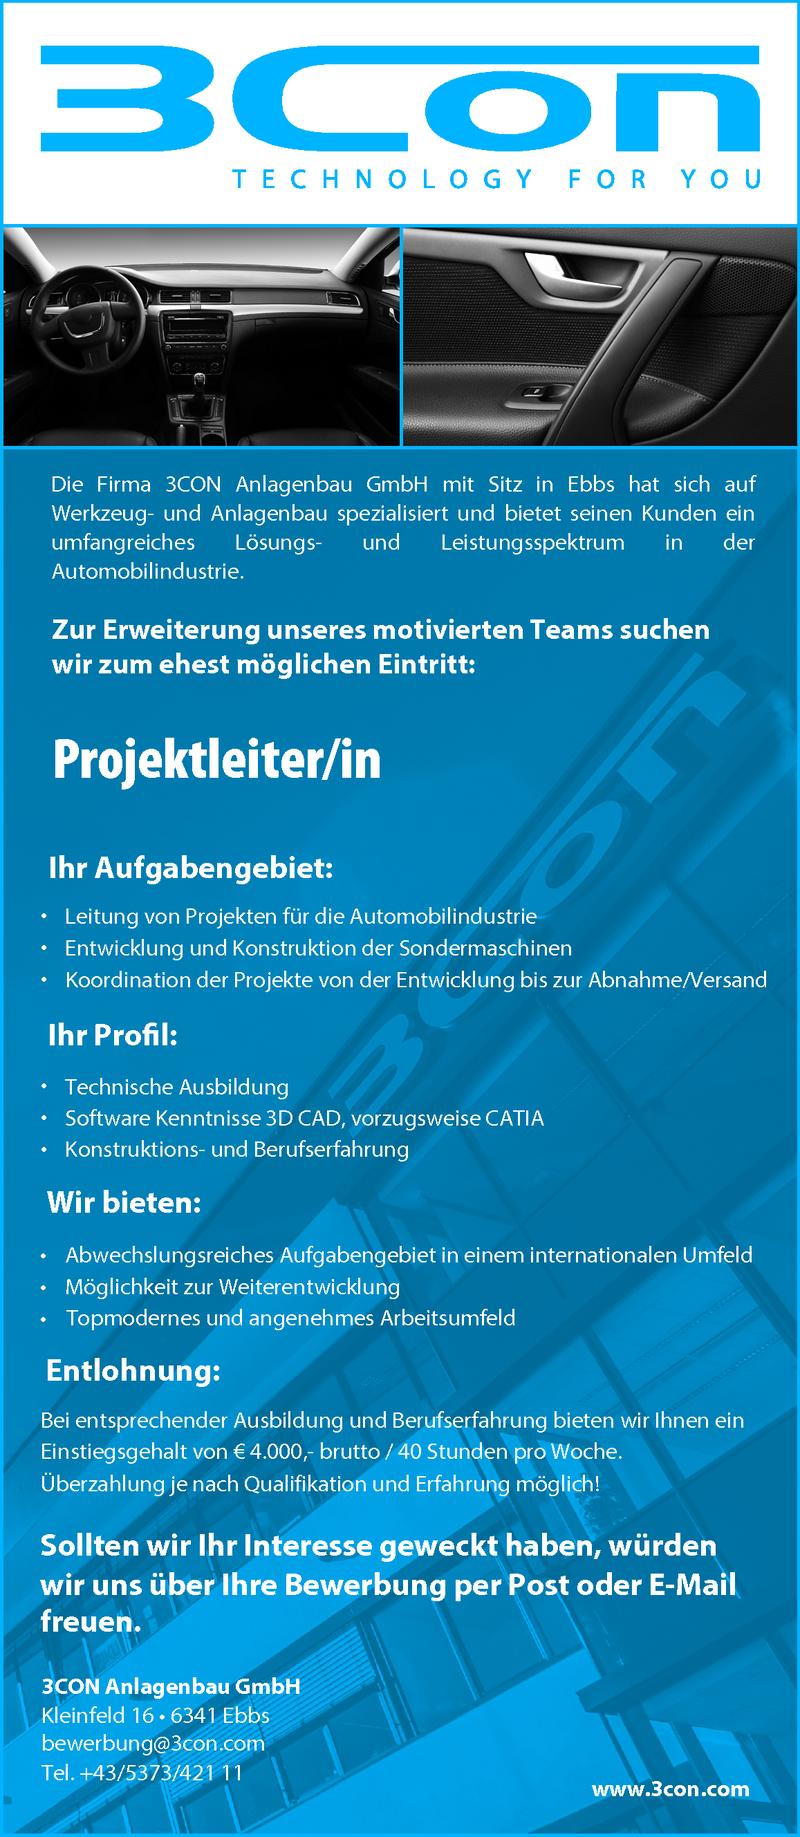 Alteisenverwertung Reinhard GmbH - Ebbs - RiS-Kommunal